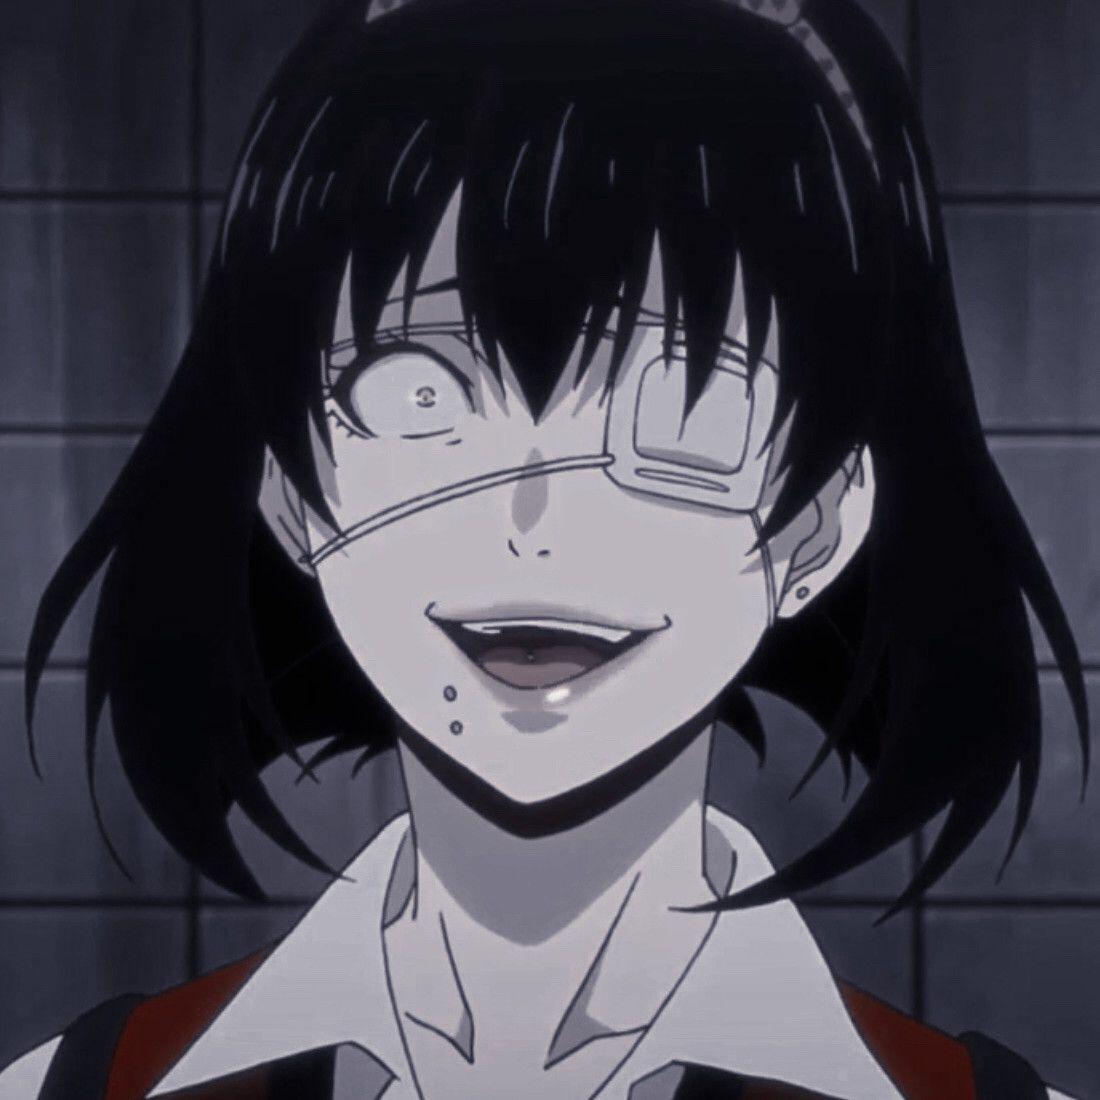 Kakegurui kakegurui midari midari ikishima kakegurui aesthetic anime aesthetic anime meme this is how i see her it may not be accurate to. Kakegurui Midari Aesthetic Pfp